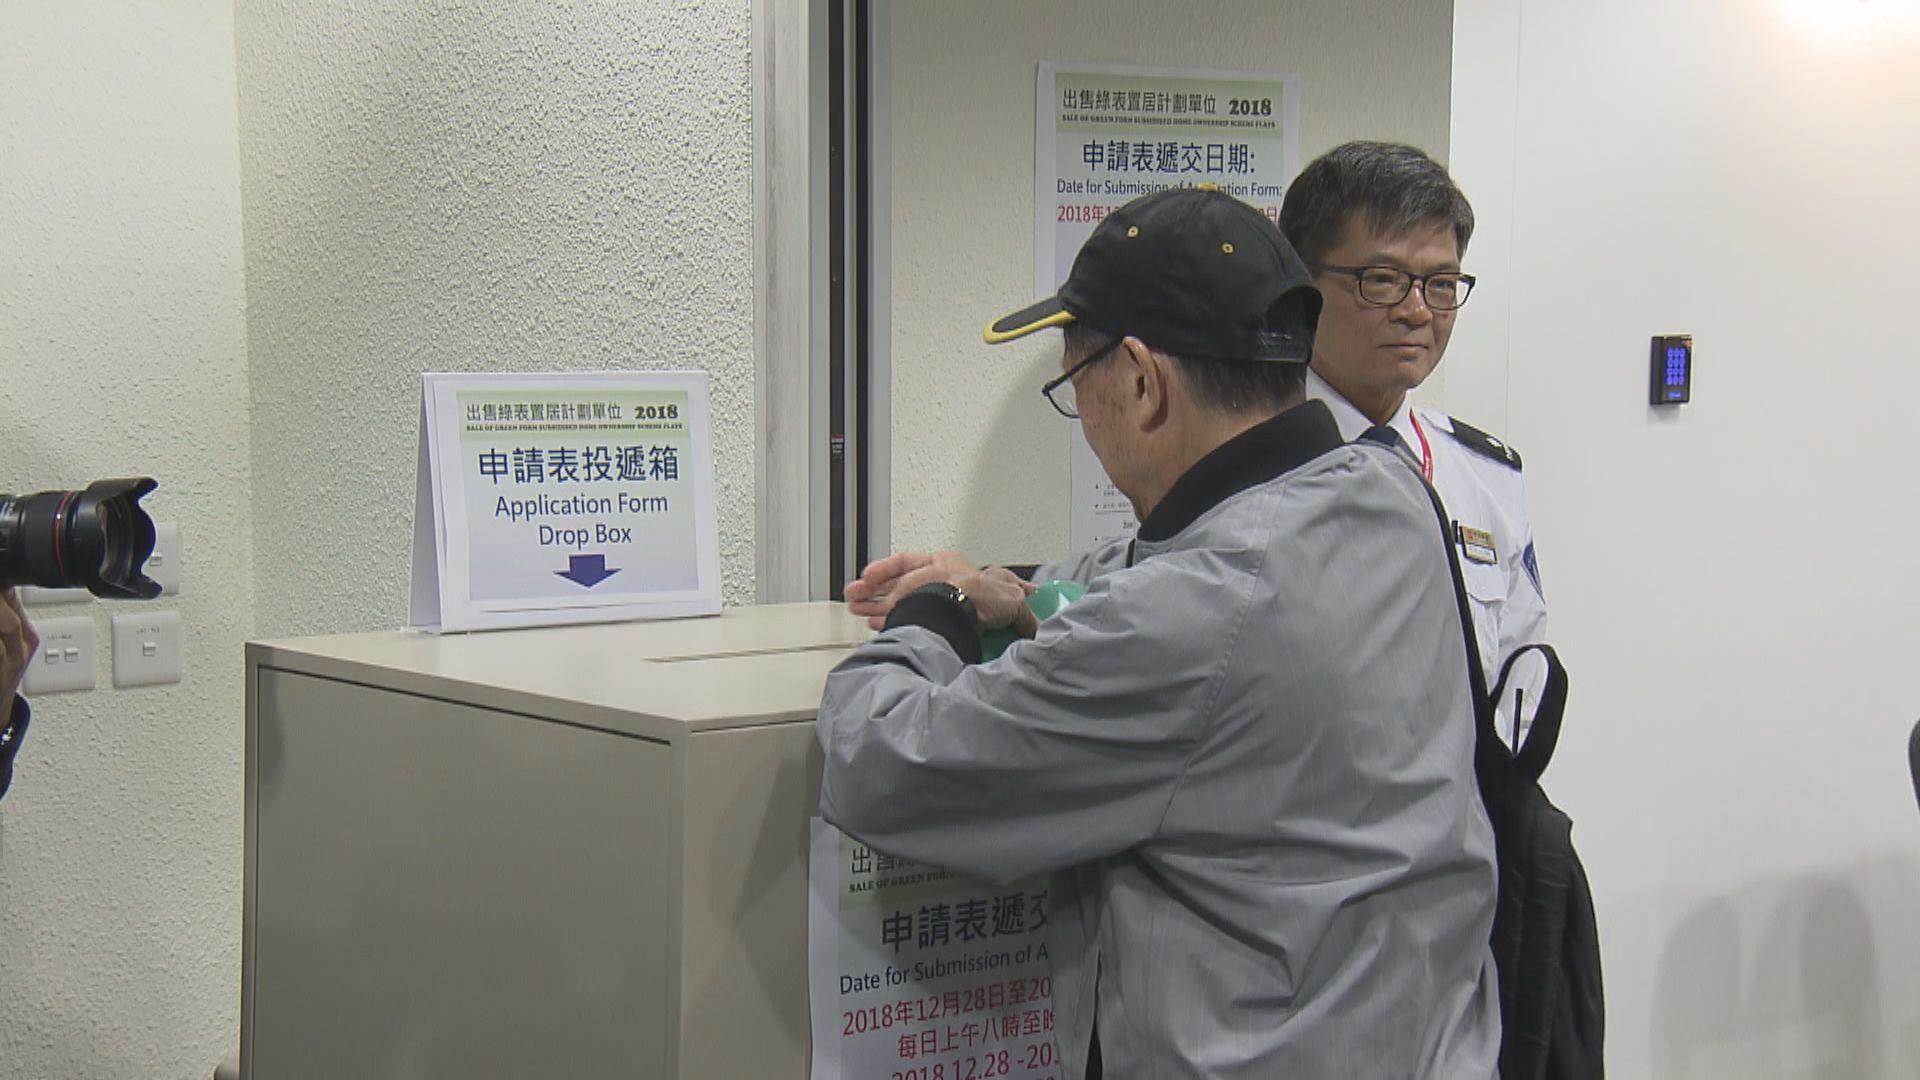 長沙灣綠置居收逾四萬申請 超額認購近15倍